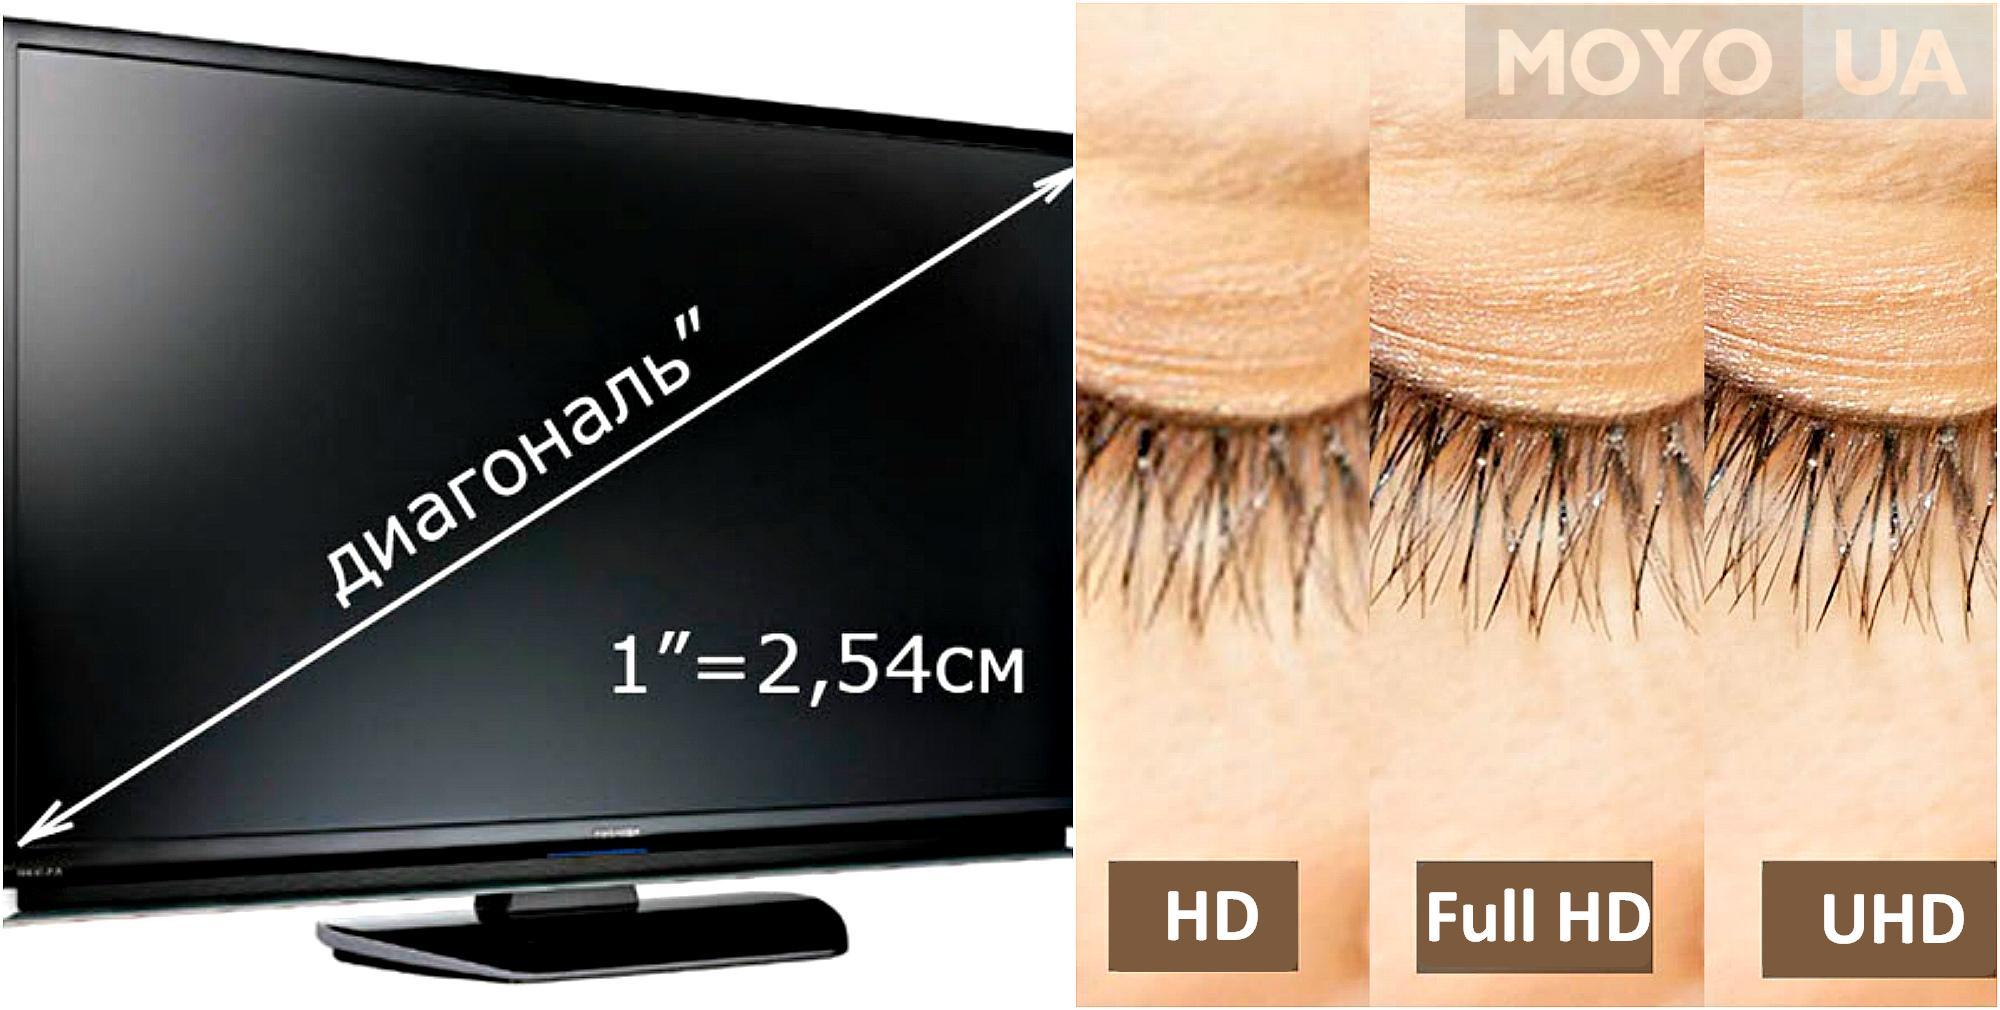 Разрешение и диагональ екрана телевизора